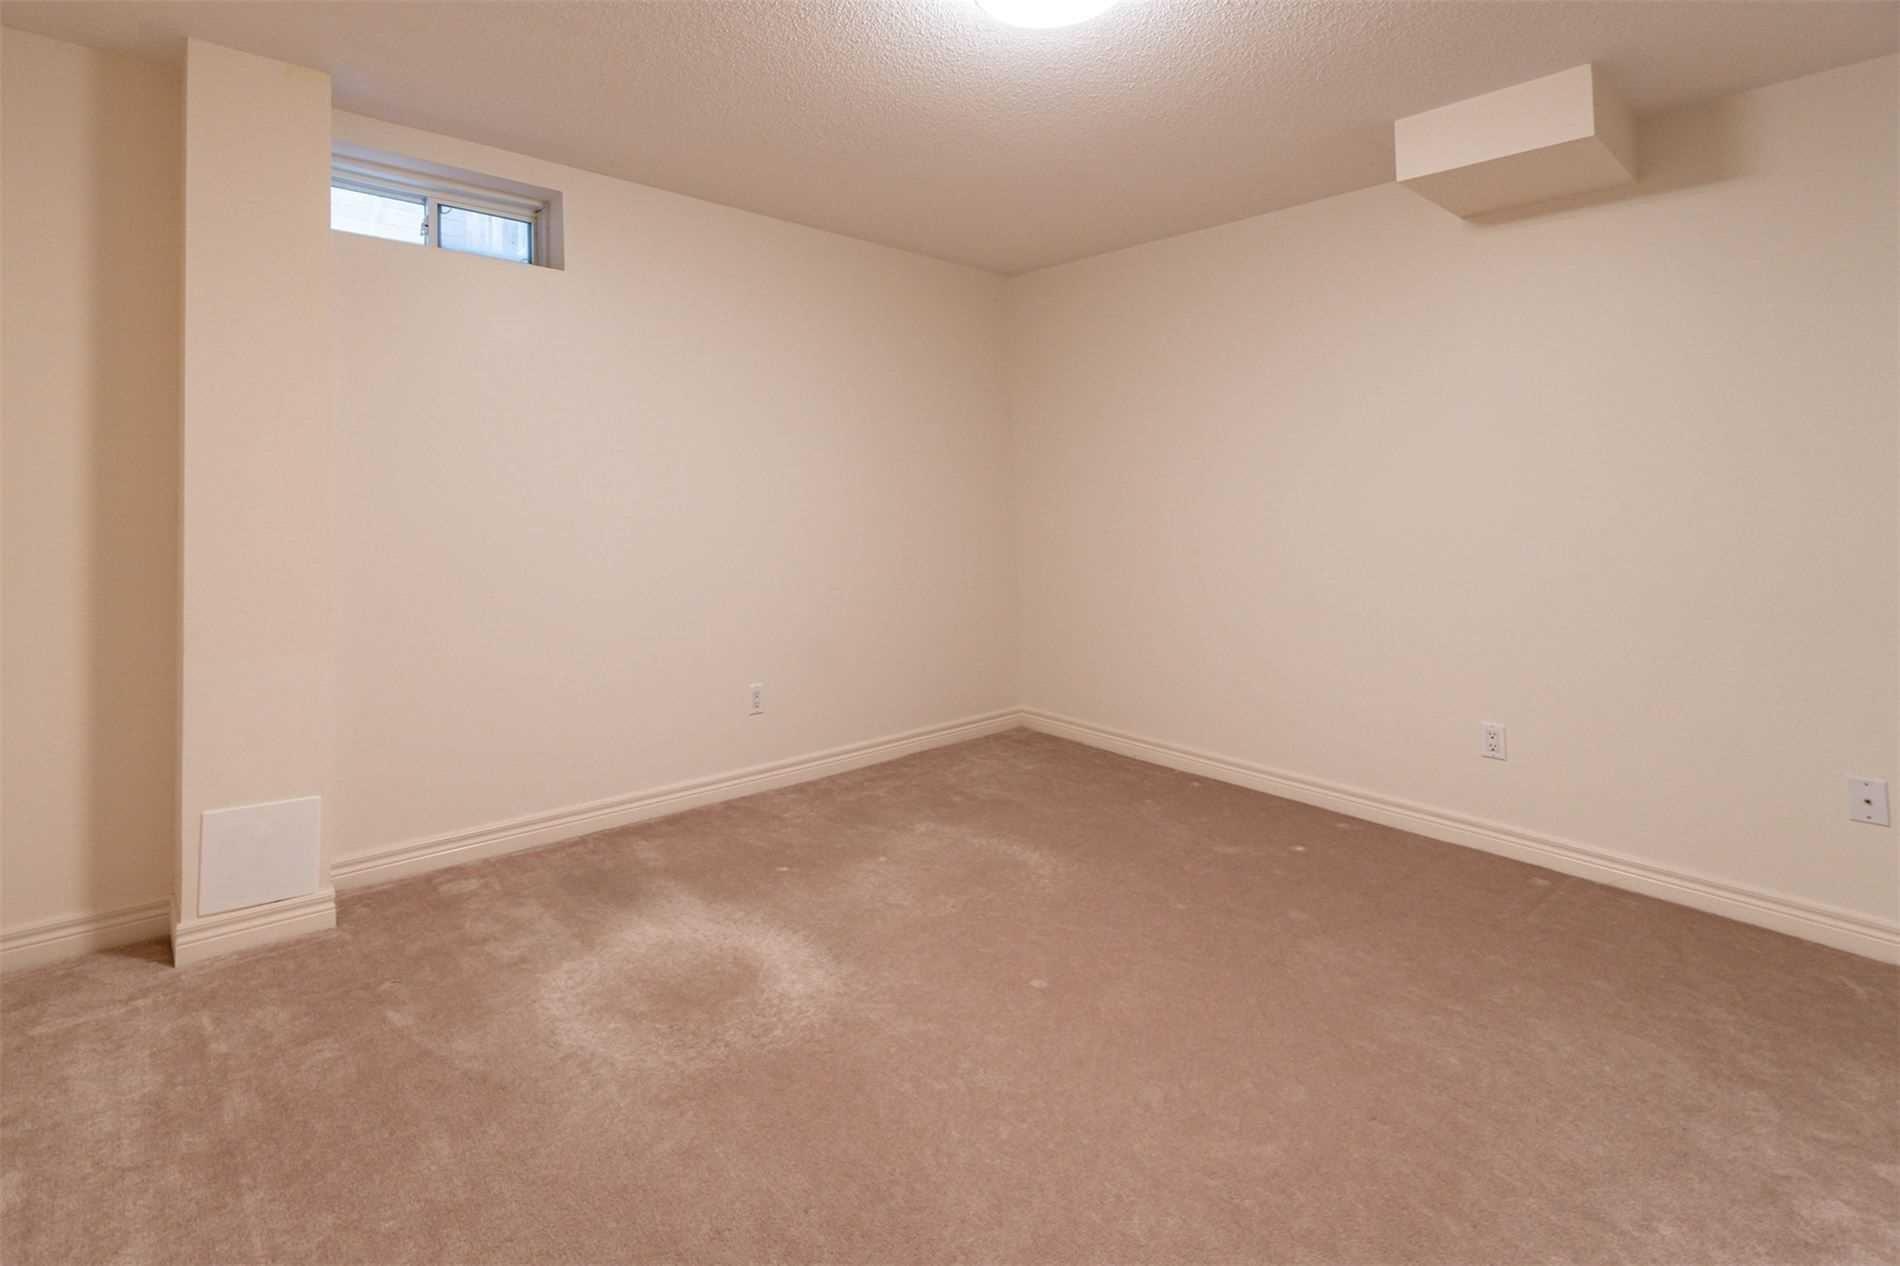 865 Stoutt Cres - Coates Detached for sale, 4 Bedrooms (W5399927) - #36